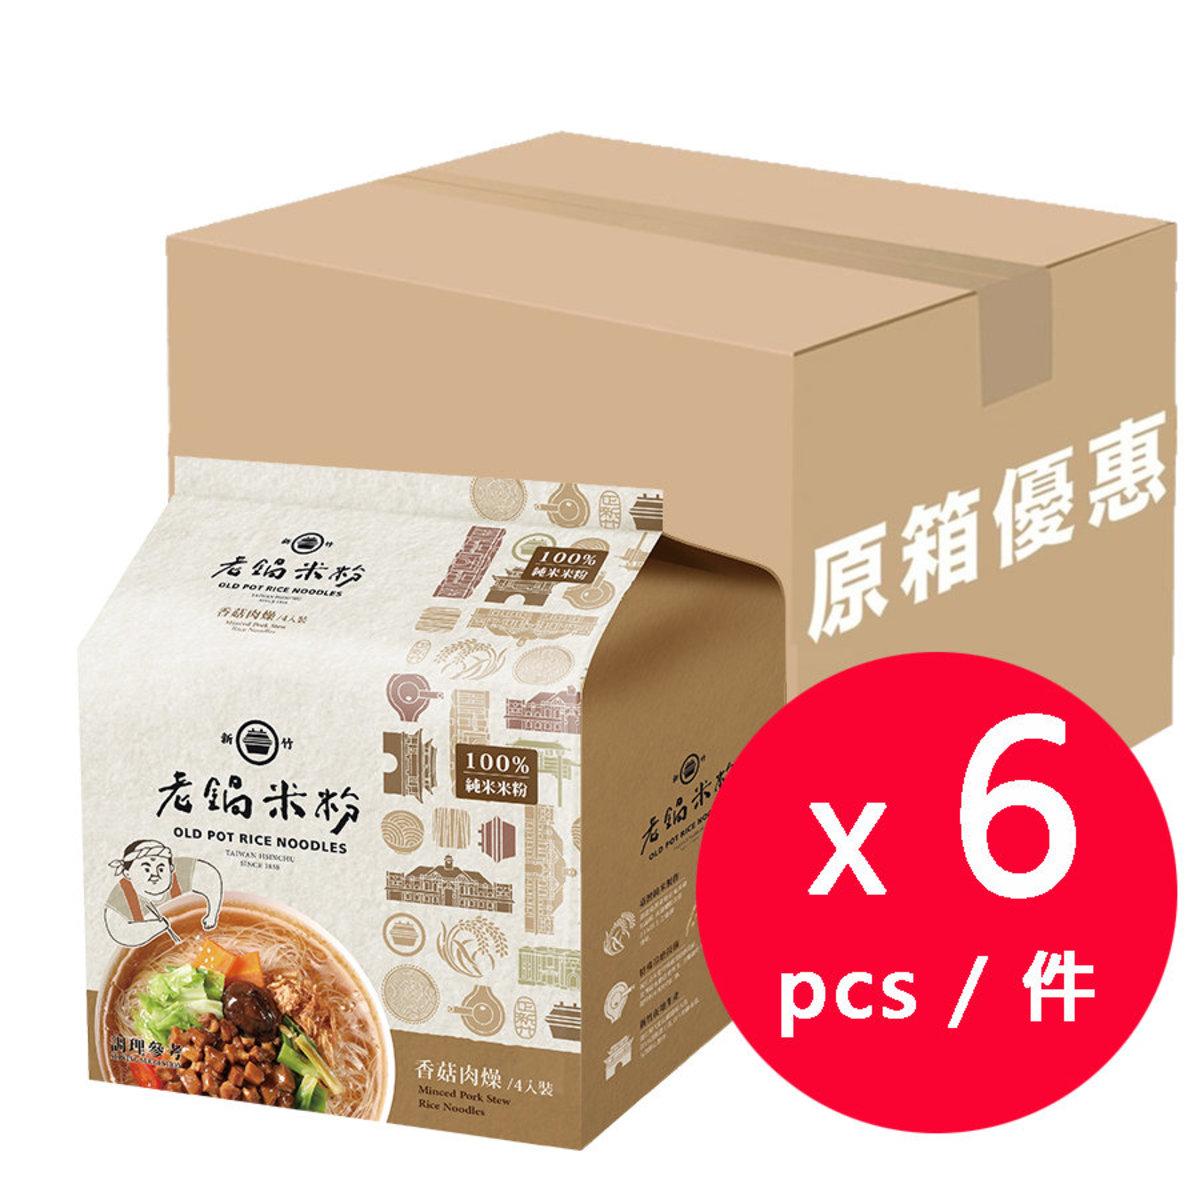 老鍋米粉 純米香菇肉燥風味湯米粉 原箱 (共6套)